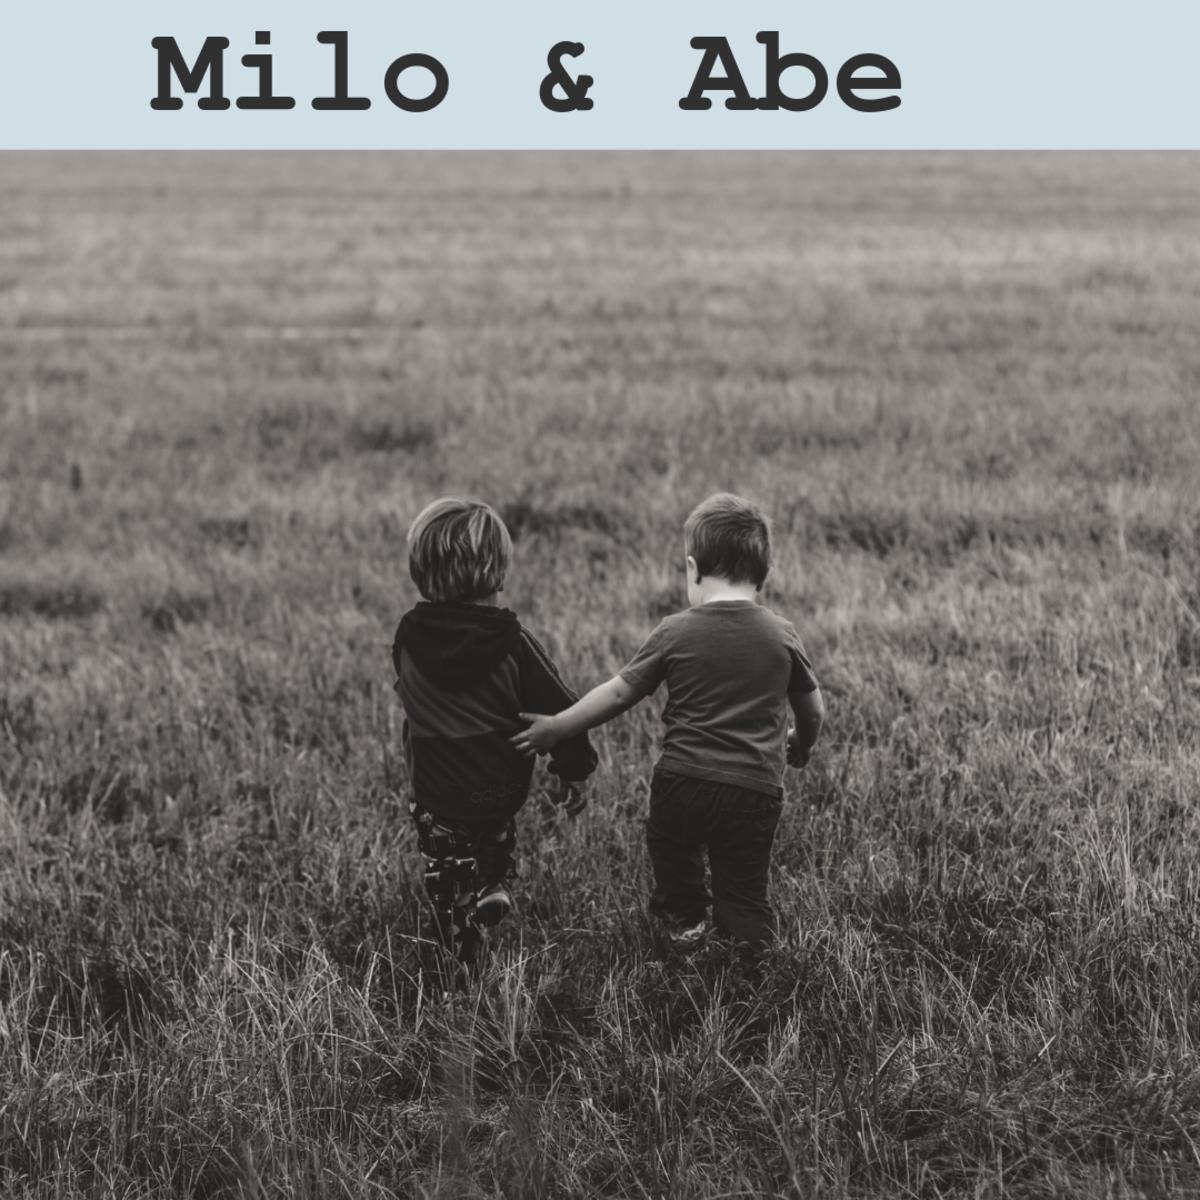 Milo and Abe